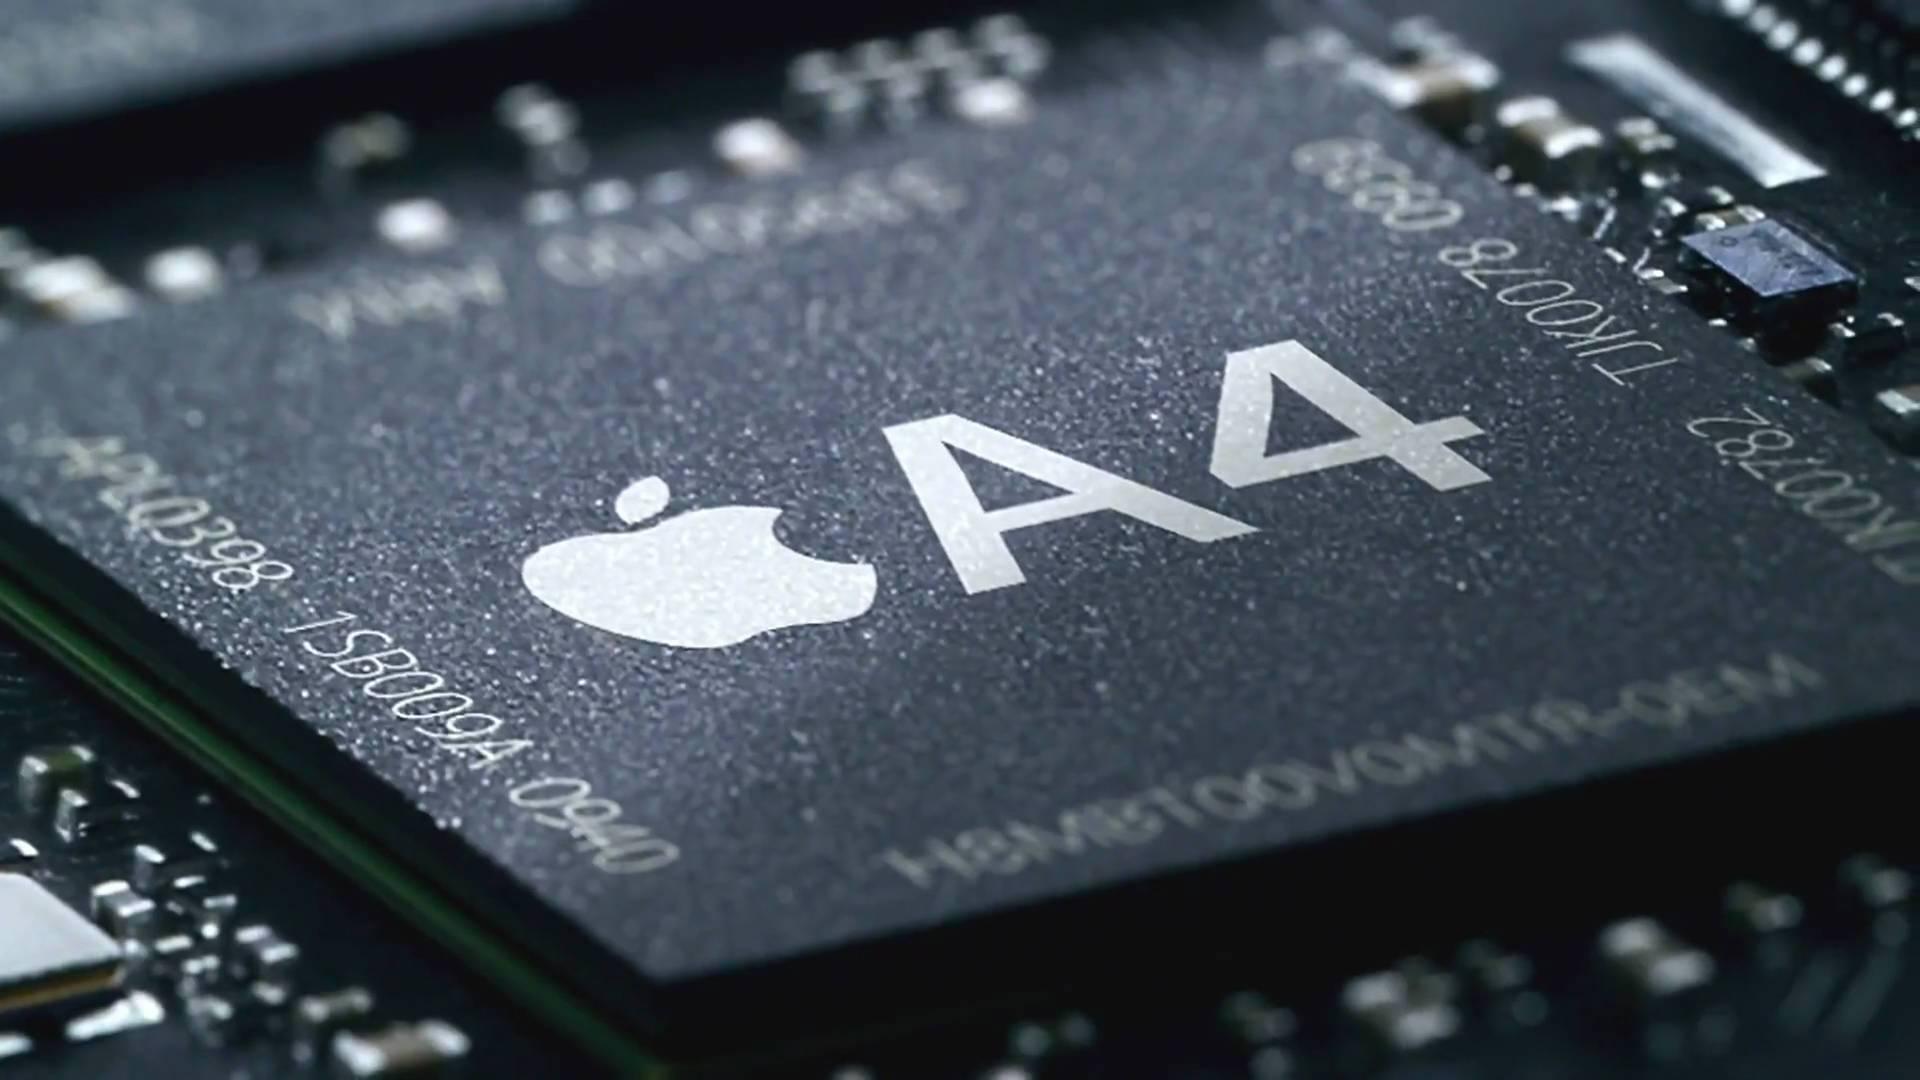 苹果芯片帝国简史 从依赖三星到 性能怪兽